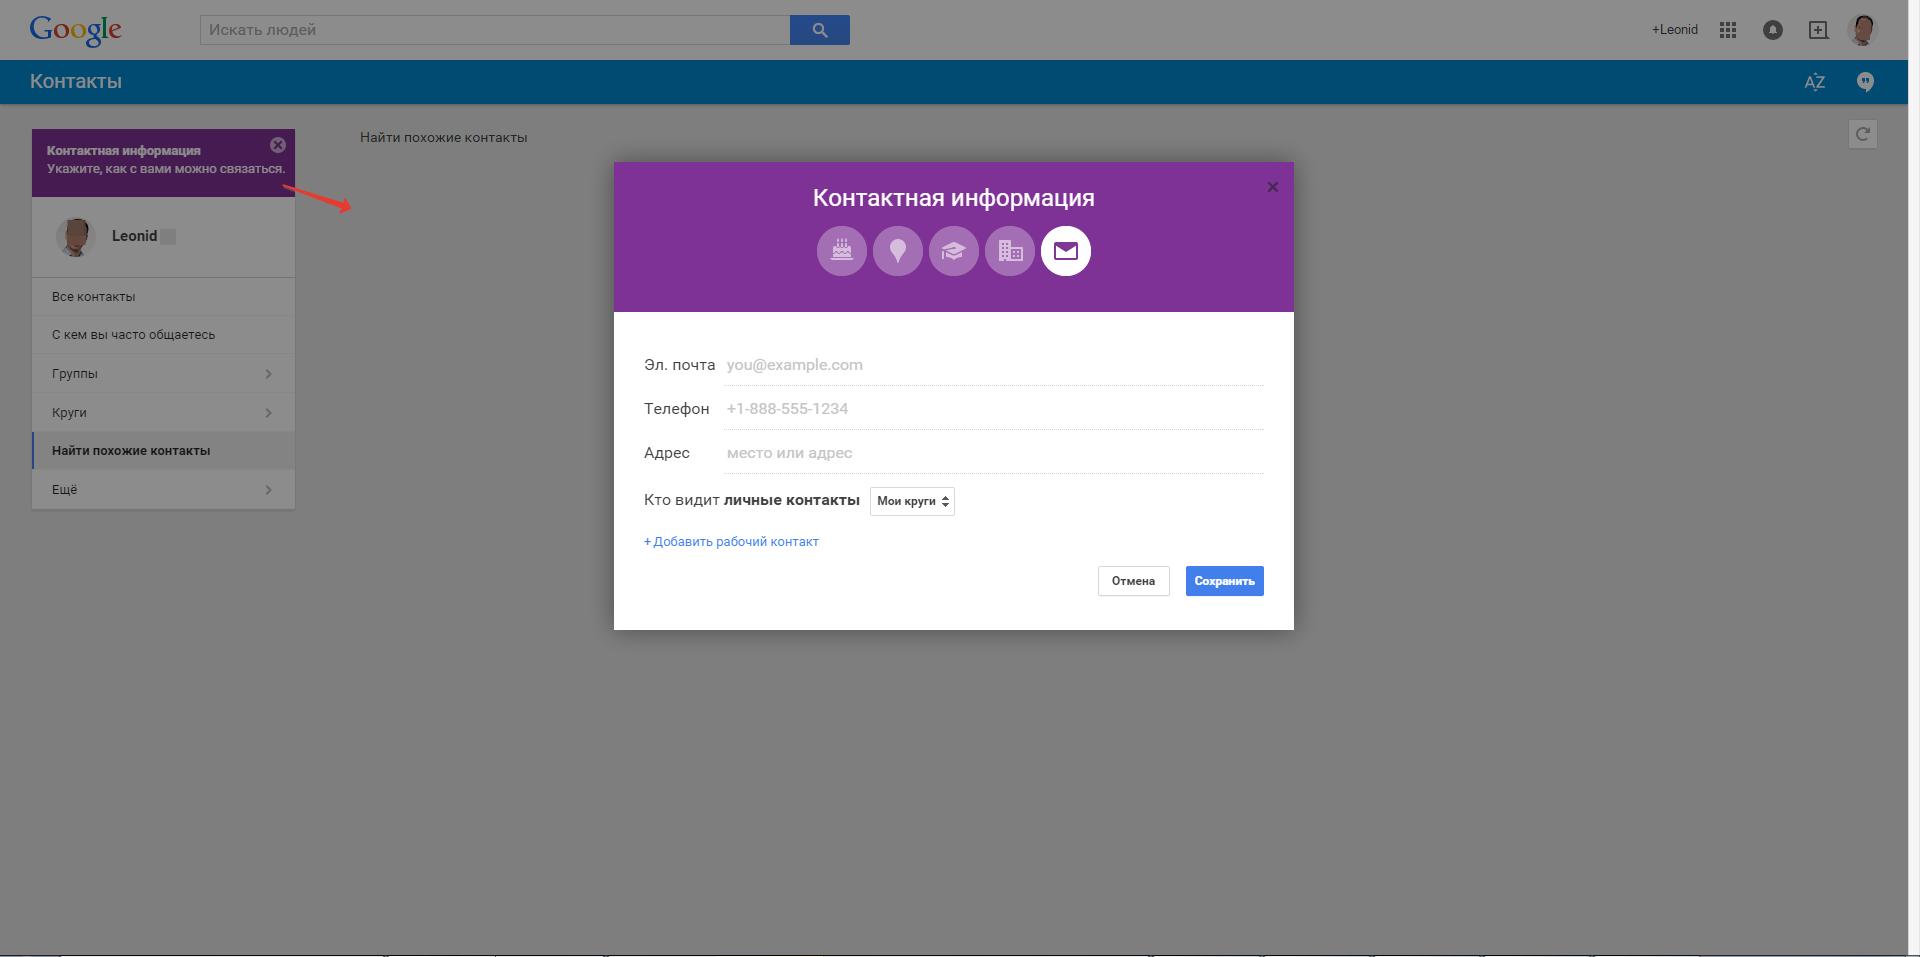 Гугл обновил приложение Контакты в интерфейсе GMail - 7